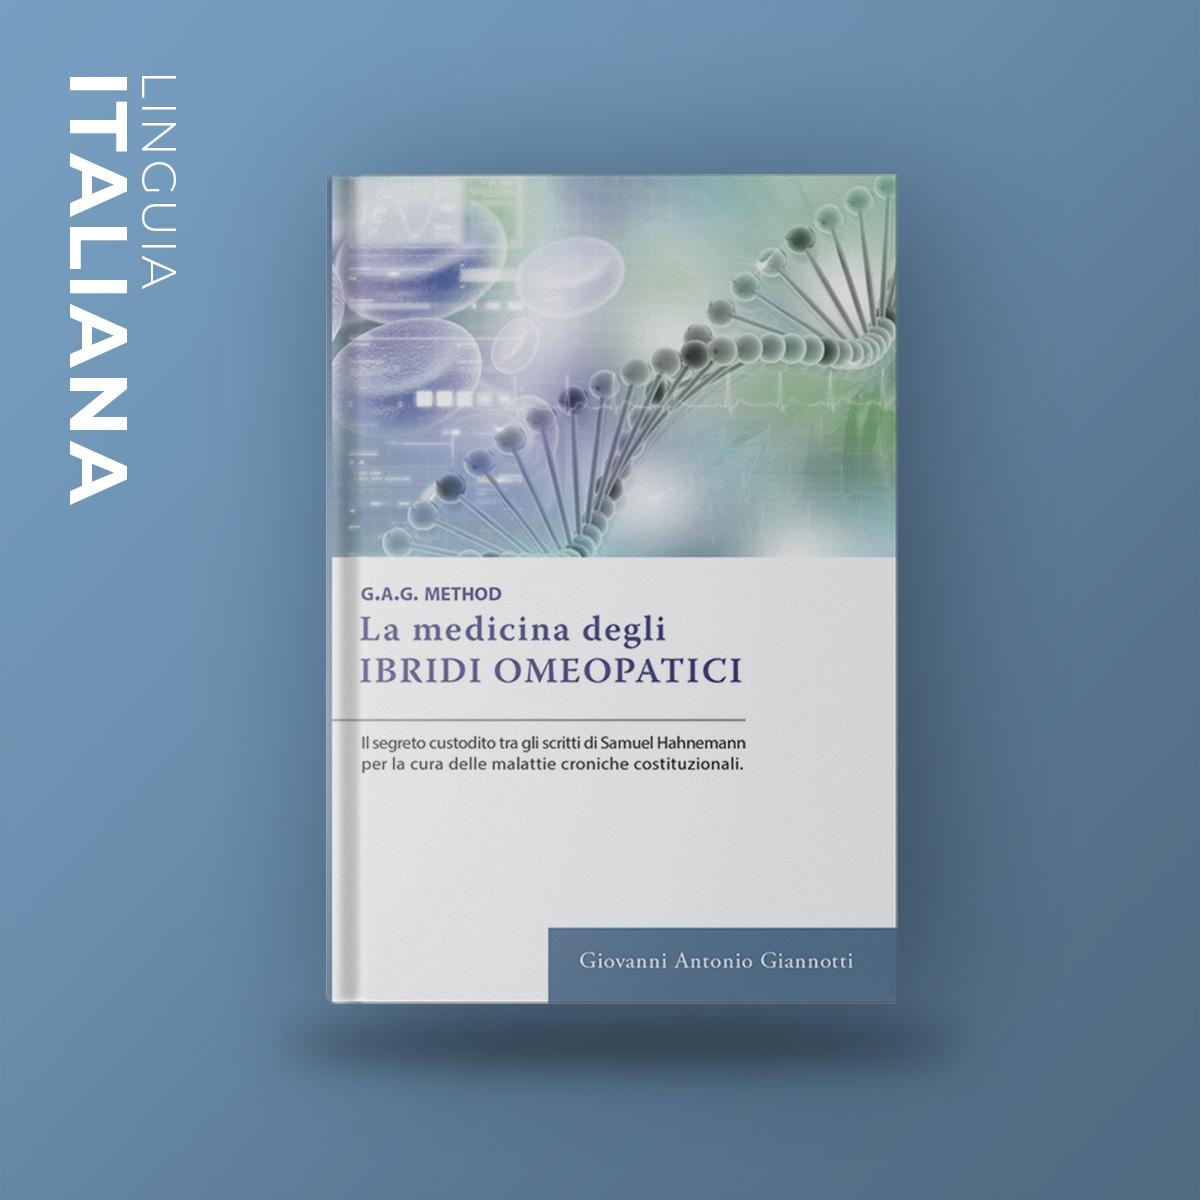 Libro_Cover_buy_La_medicina_degli_IBRIDI_OMEOPATICI_Ita